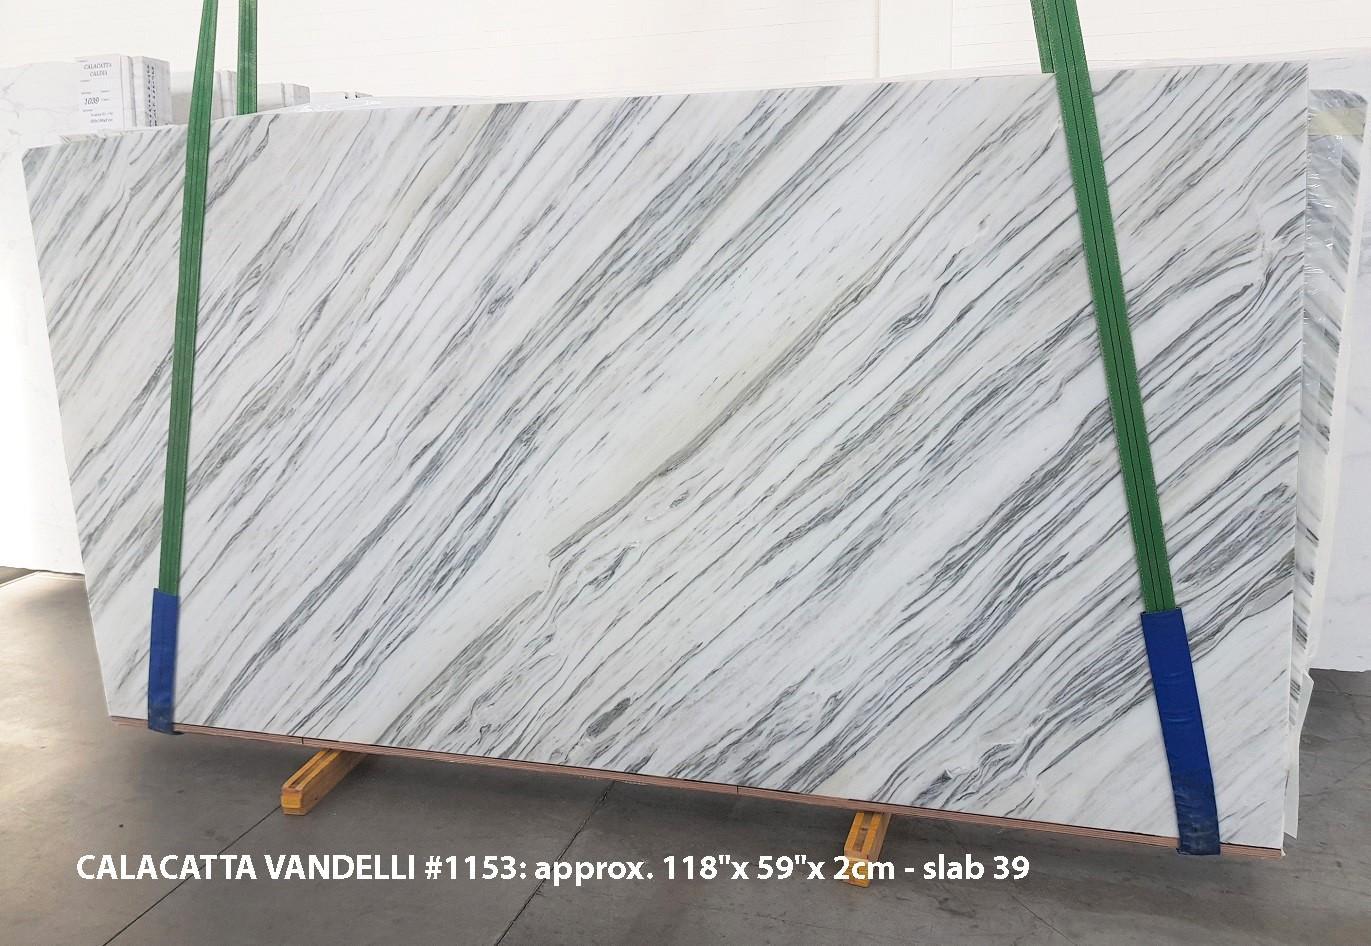 Calacatta Vandelli polierte Unmaßplatten 1153 aus Natur Marmor , Slab #39: Lieferung Veneto, Italien